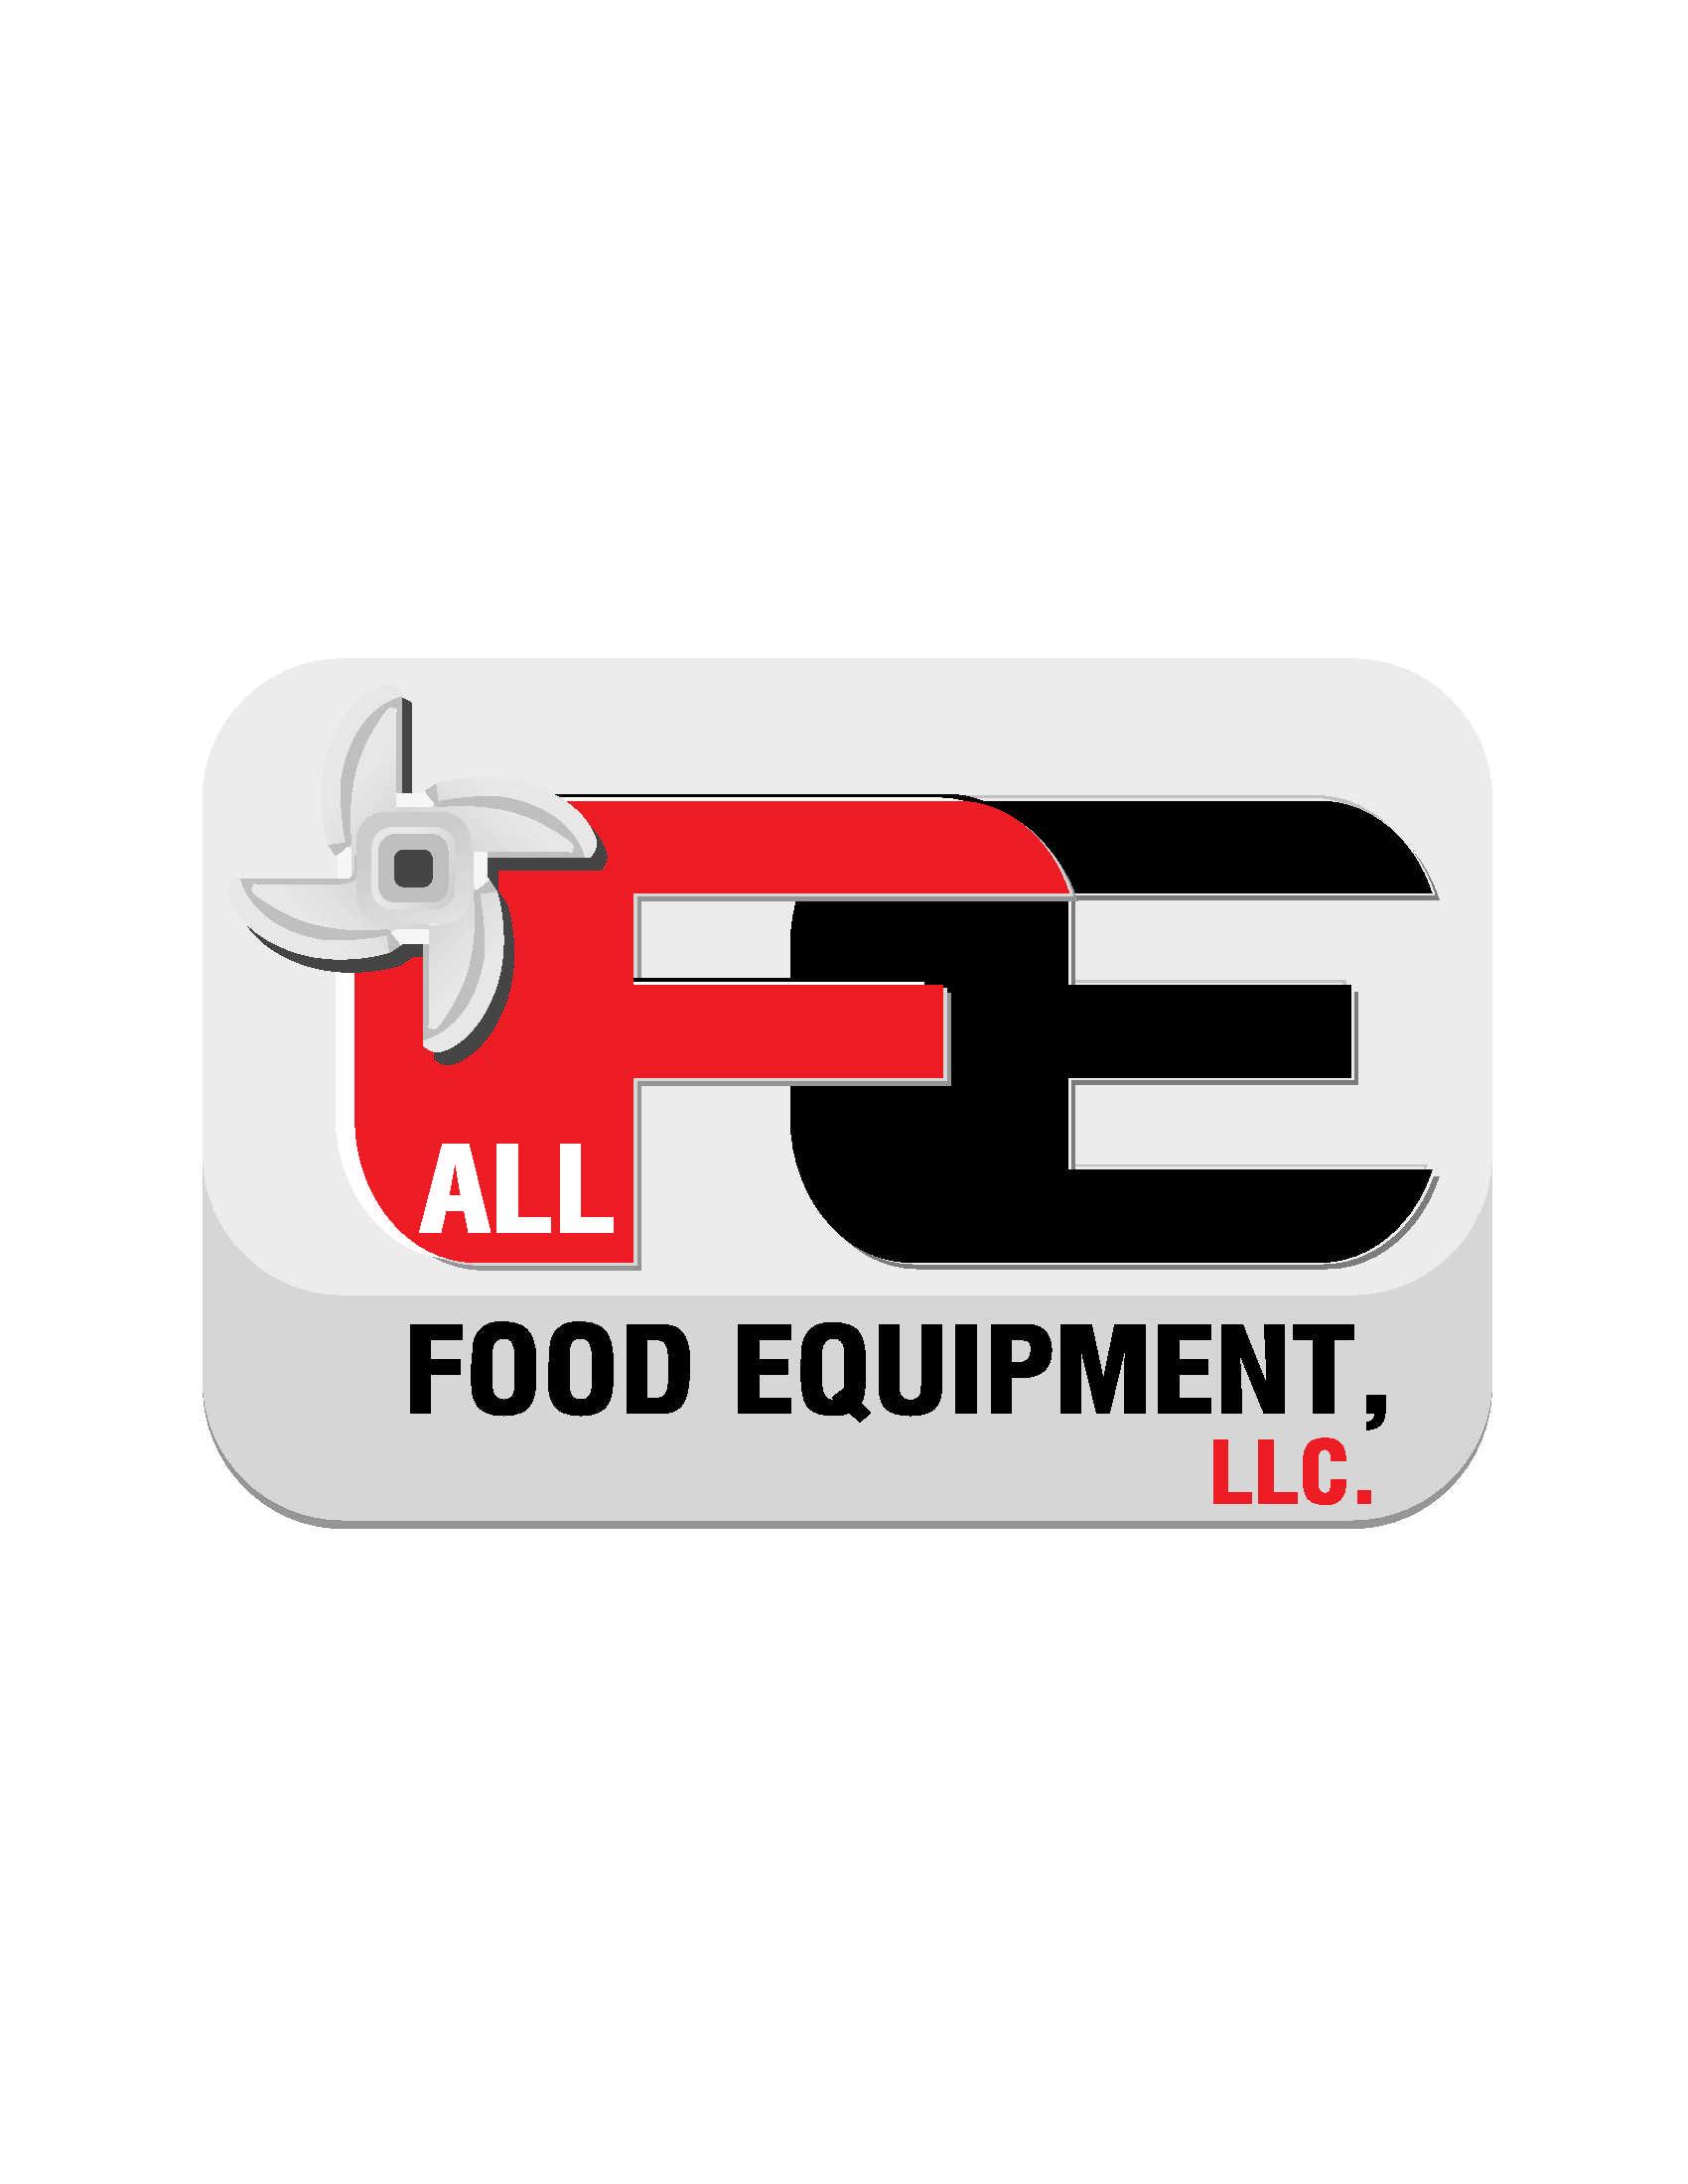 All Food Equipment LLC